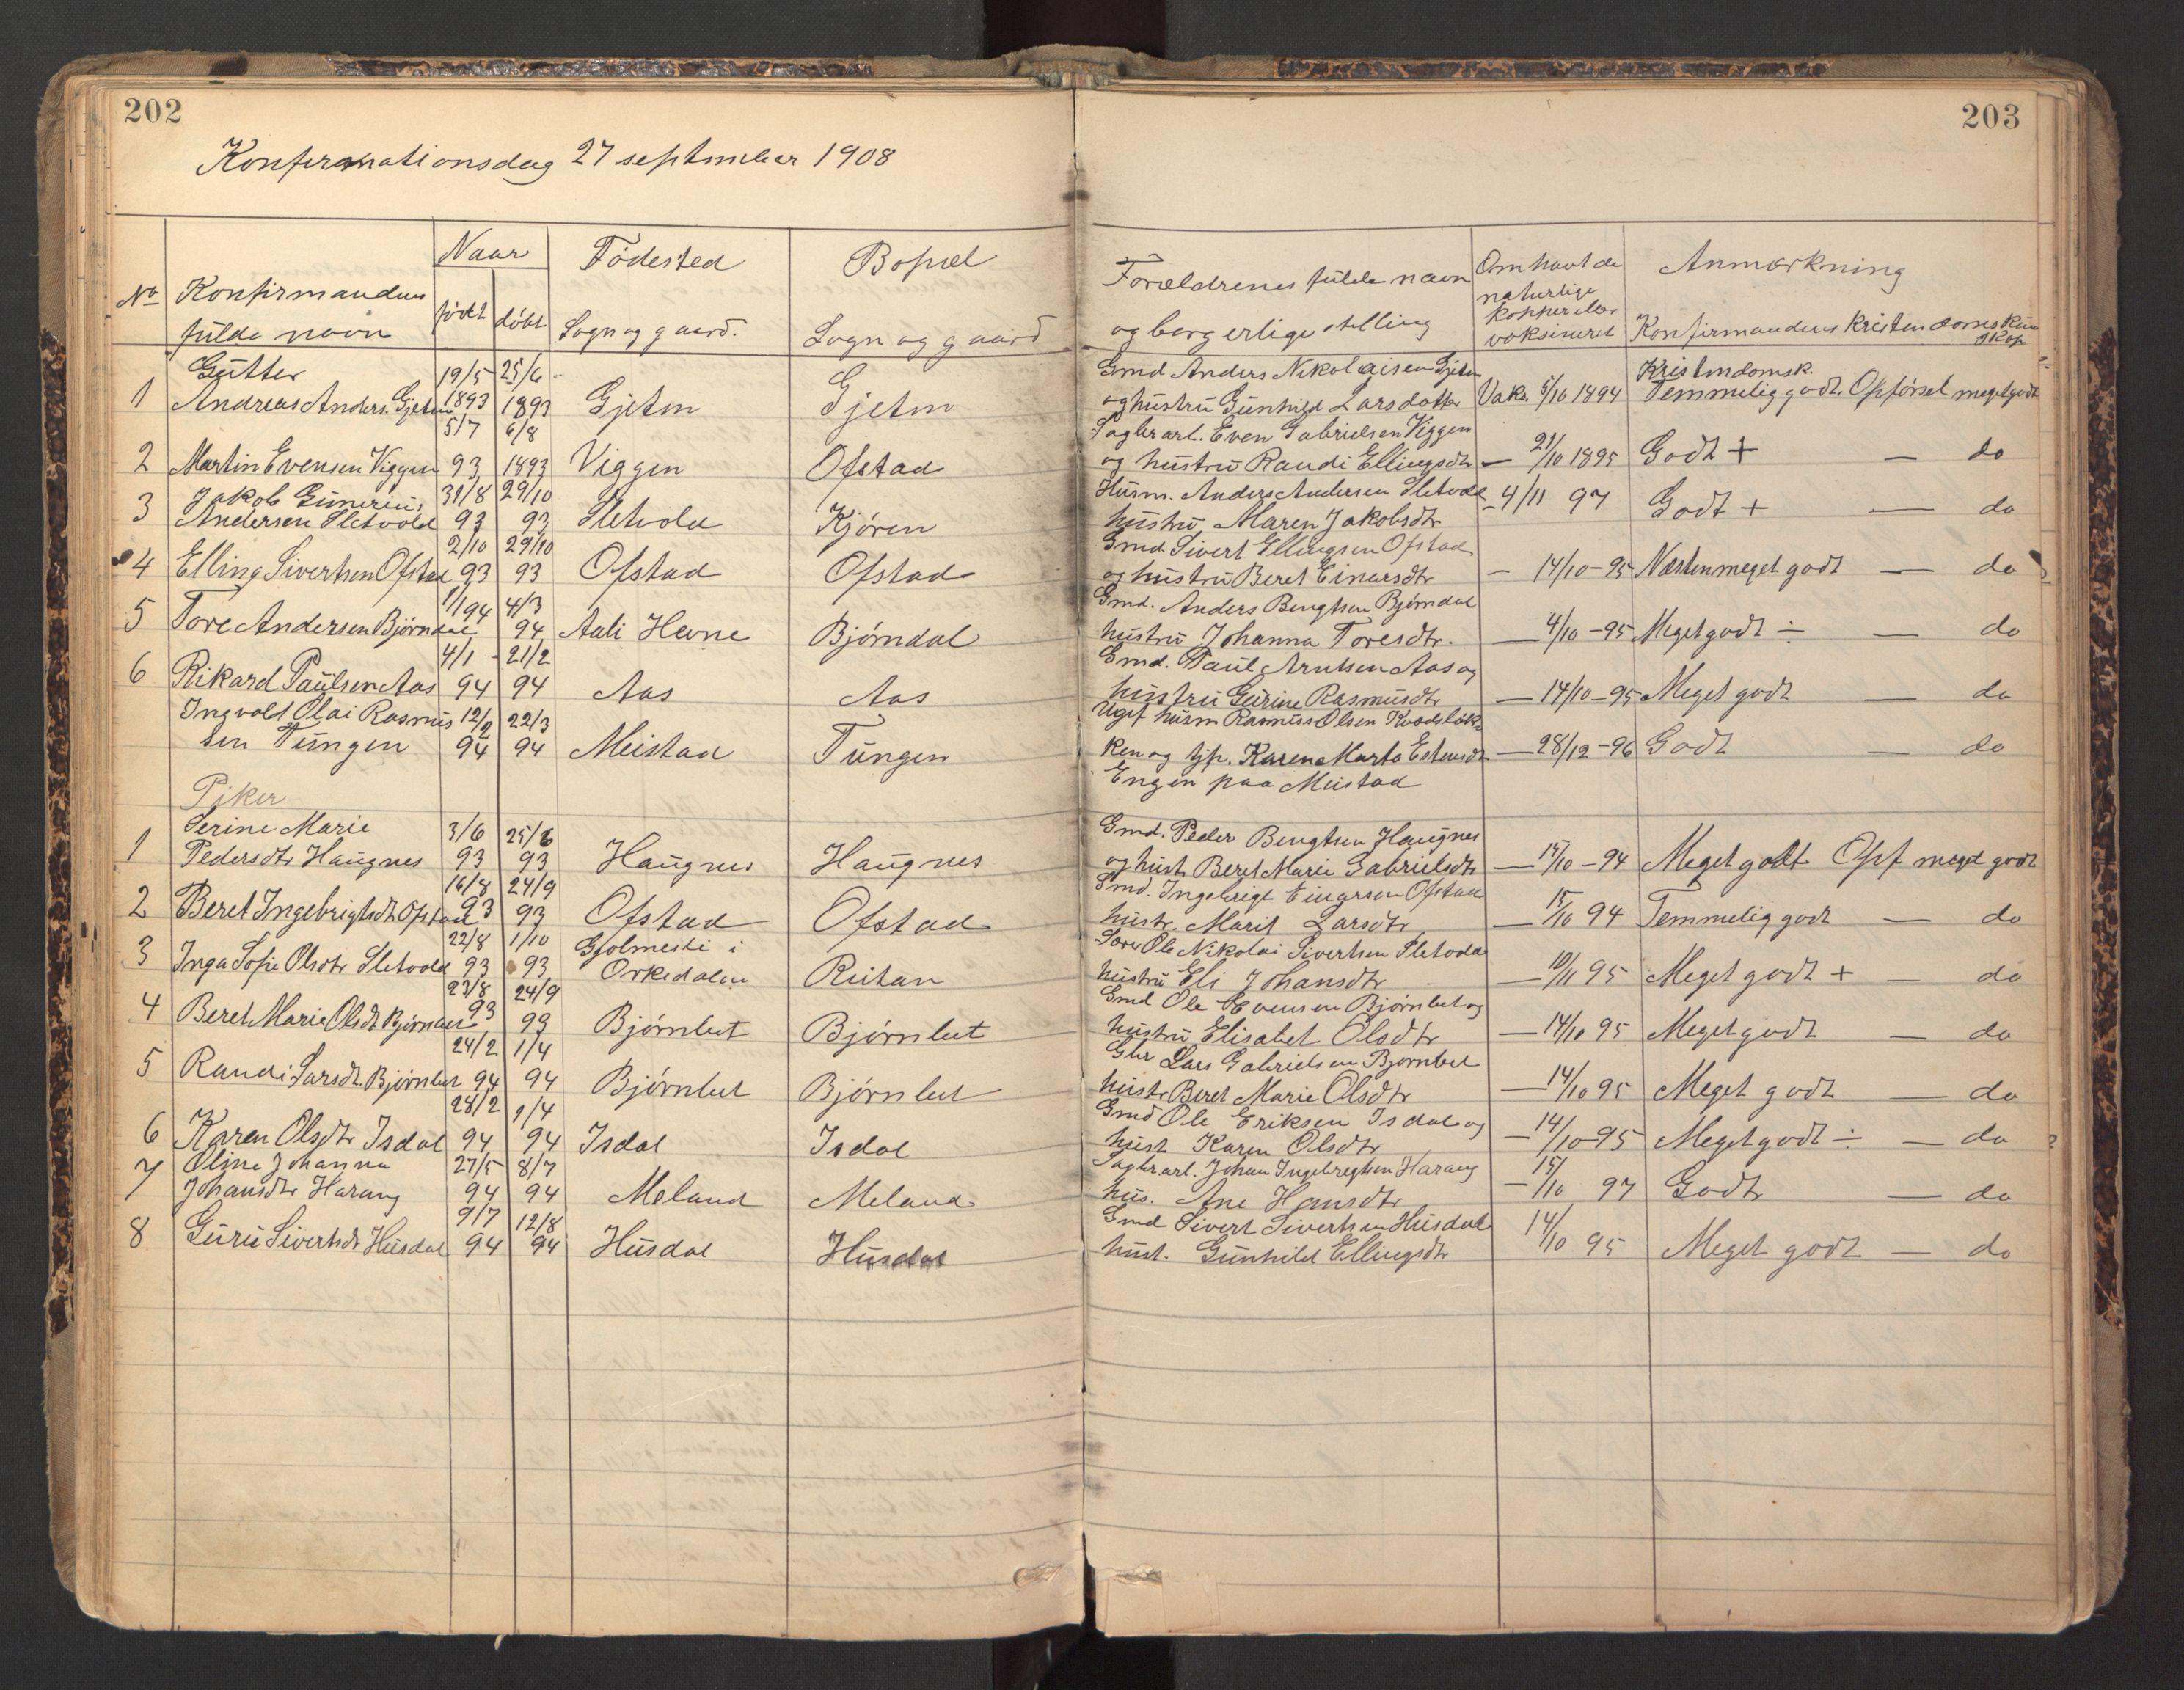 SAT, Ministerialprotokoller, klokkerbøker og fødselsregistre - Sør-Trøndelag, 670/L0837: Klokkerbok nr. 670C01, 1905-1946, s. 202-203